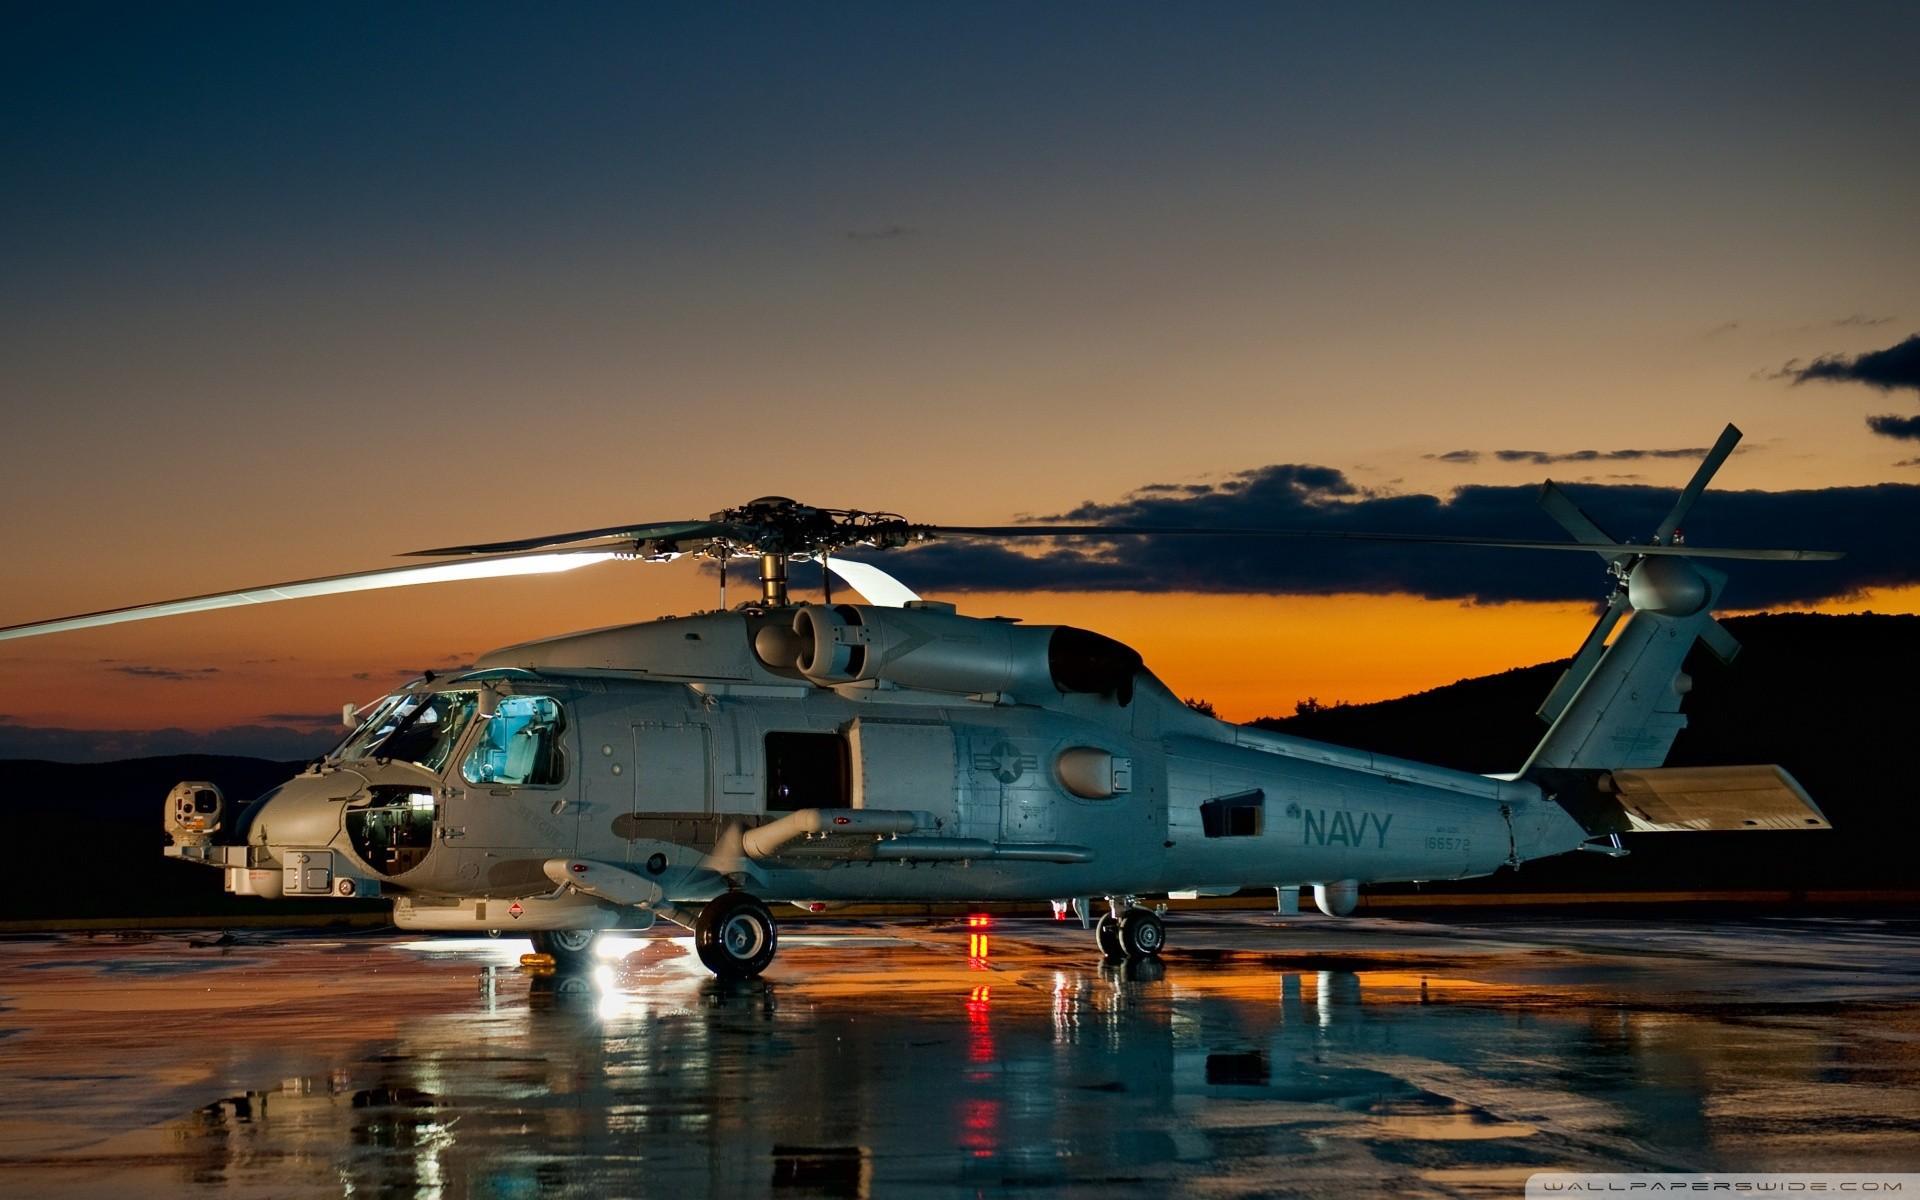 картинки боевых самолетов и вертолетов приведем идеи украшения